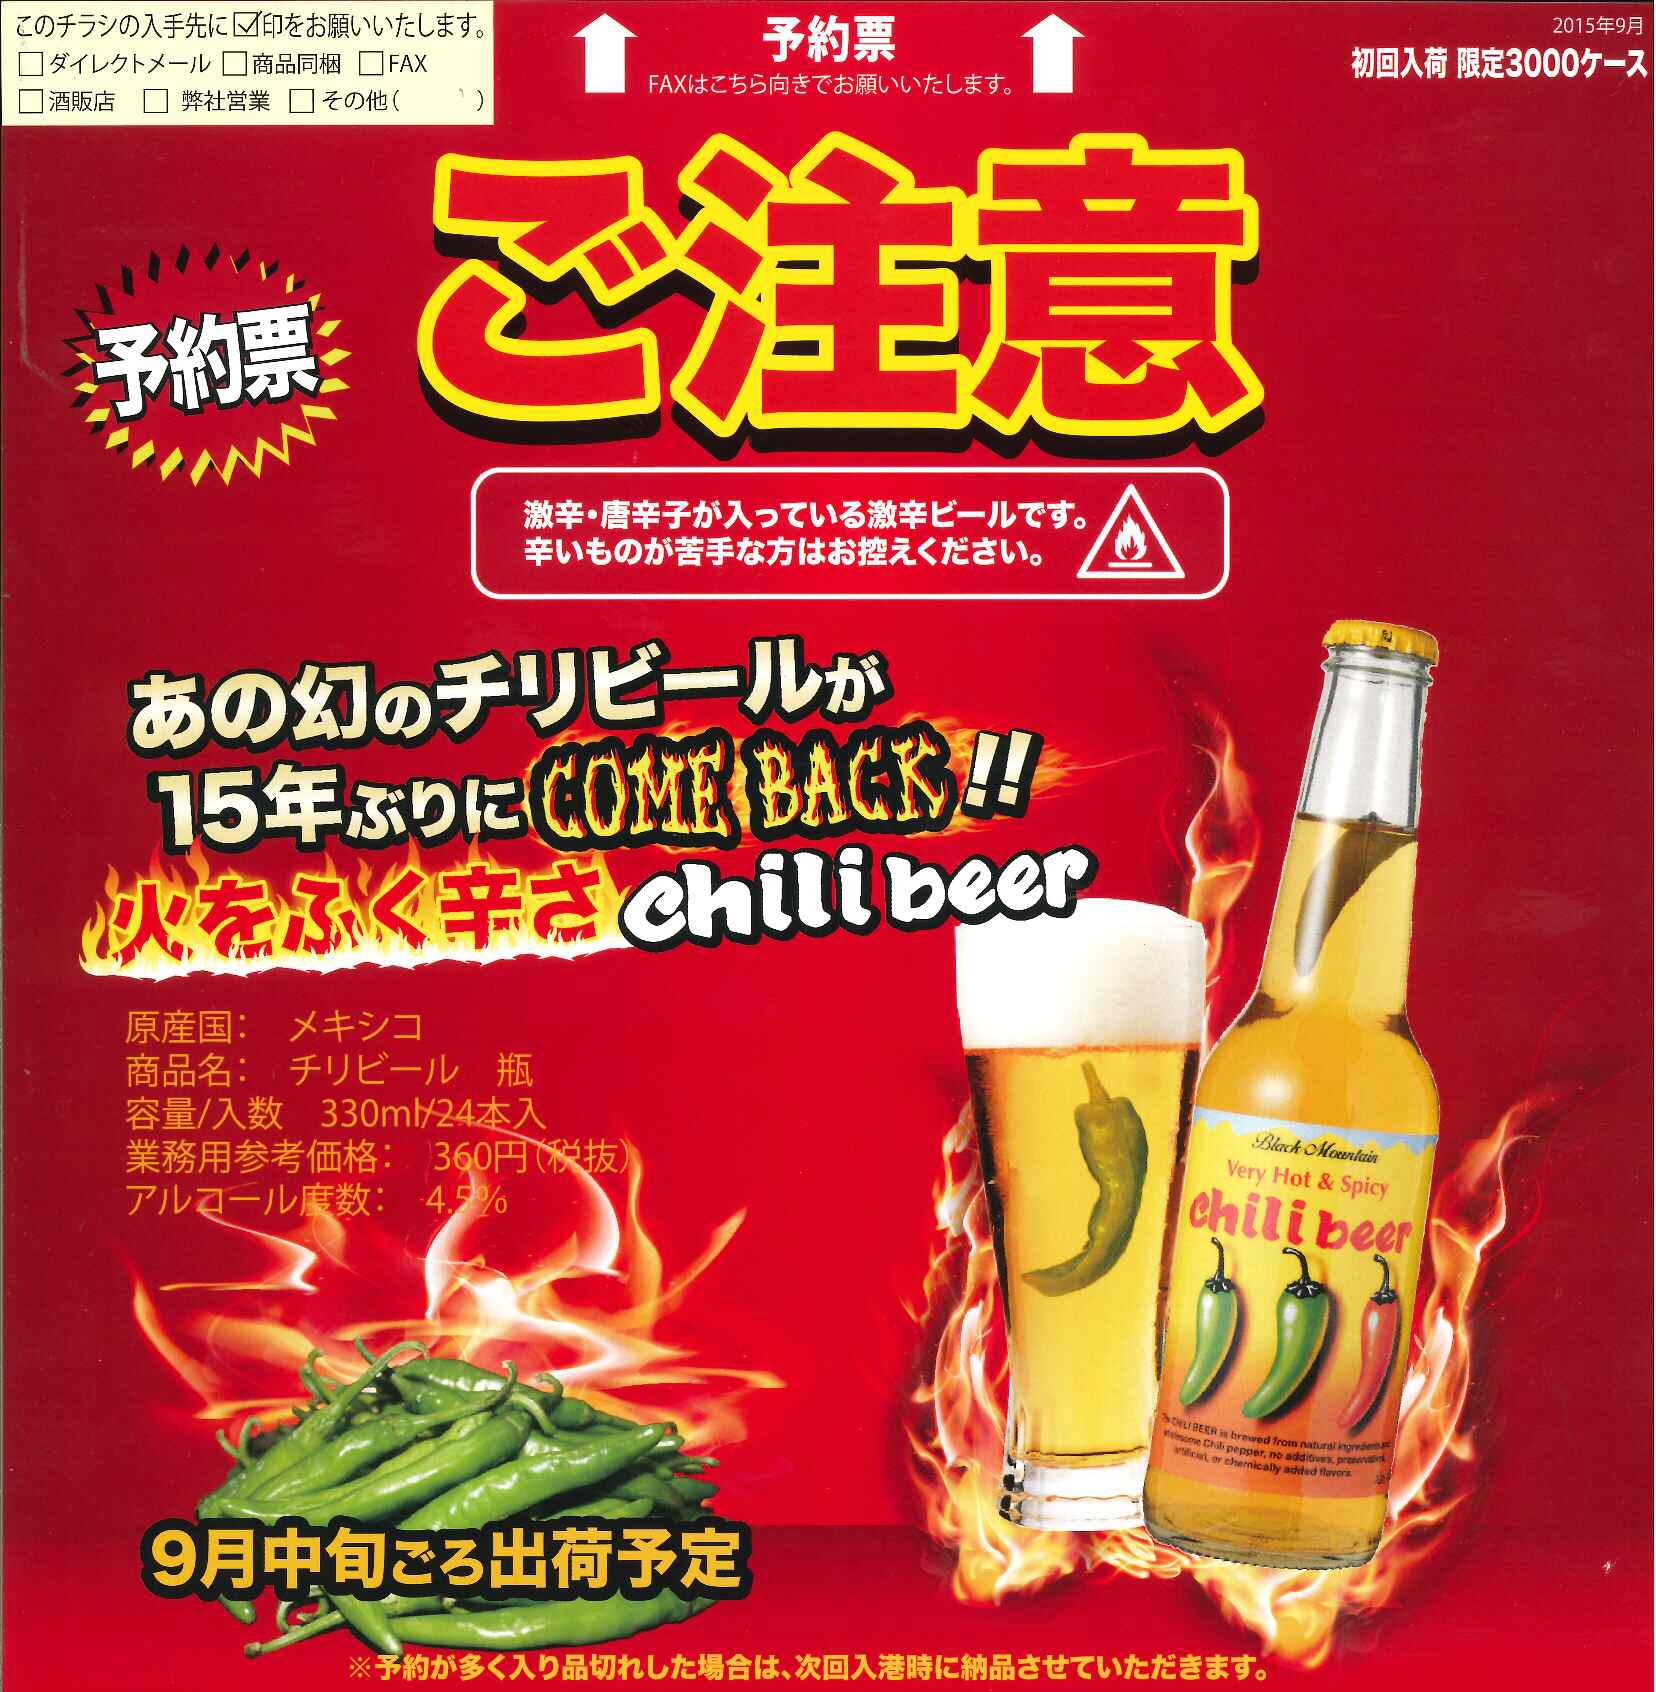 チリビール